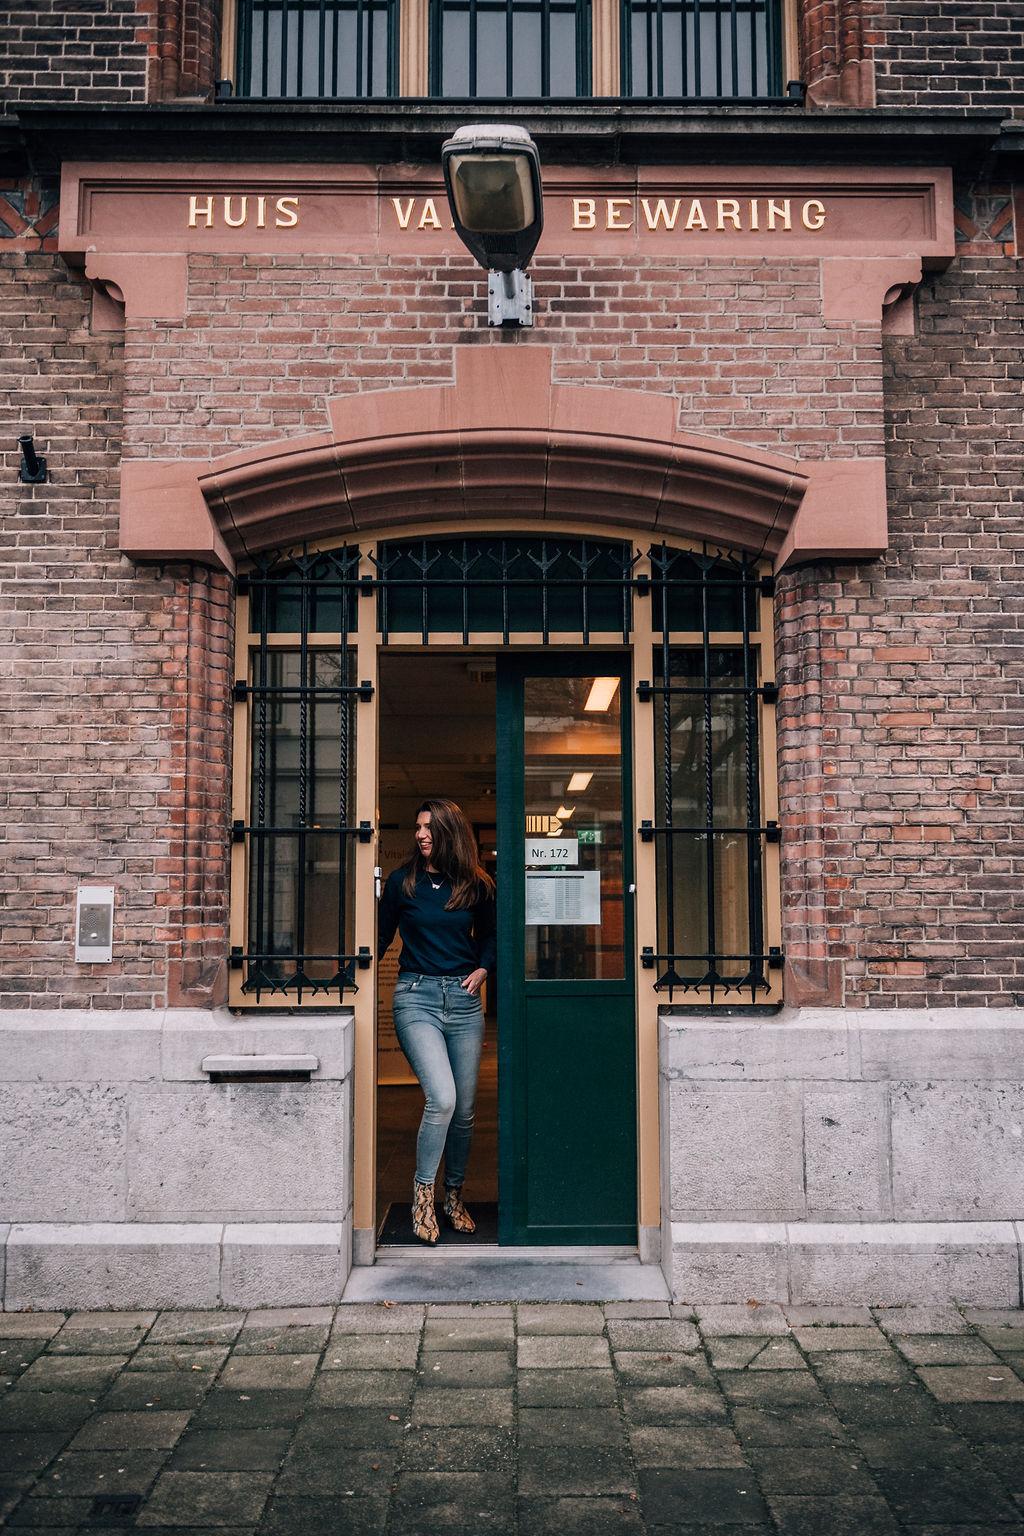 contact - haptotherapeut - haptonoom - gevangenis - vrouwengevangenis - huis van bewaring - afspraak - veerkracht haptonomie - haptonomie - Nicky de Troije - Breda